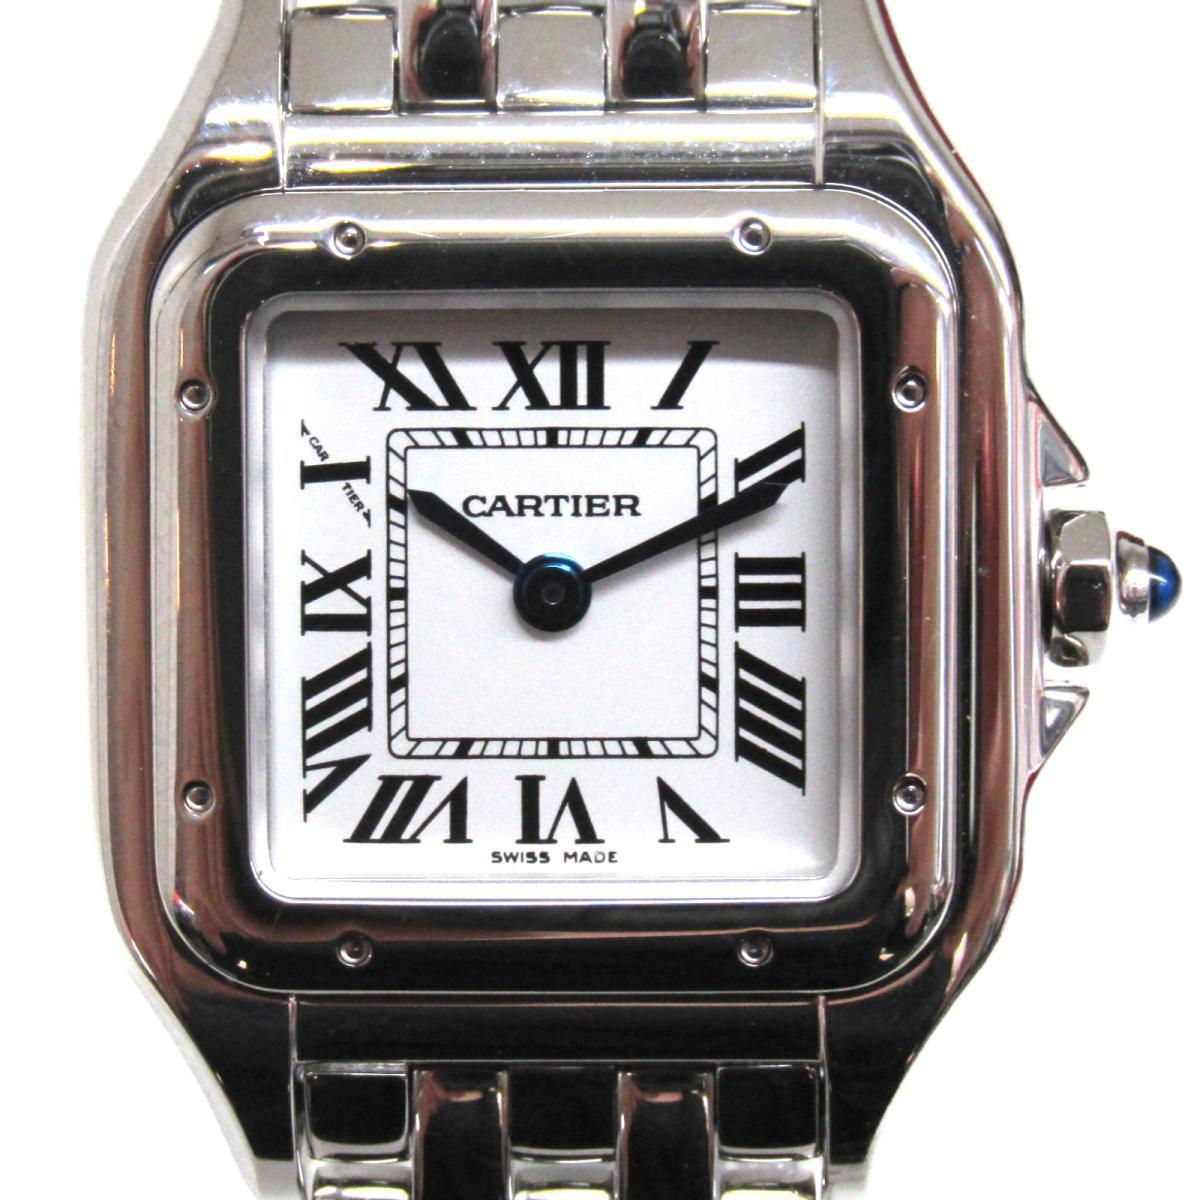 【中古】 カルティエ パンテールSM ドゥカルティエ 腕時計 ウォッチ レディース ステンレススチール (SS) (WSPN0006) | Cartier クオーツ クォーツ 時計 パンテールSM/ ドゥカルティエ 美品 ブランドオフ BRANDOFF